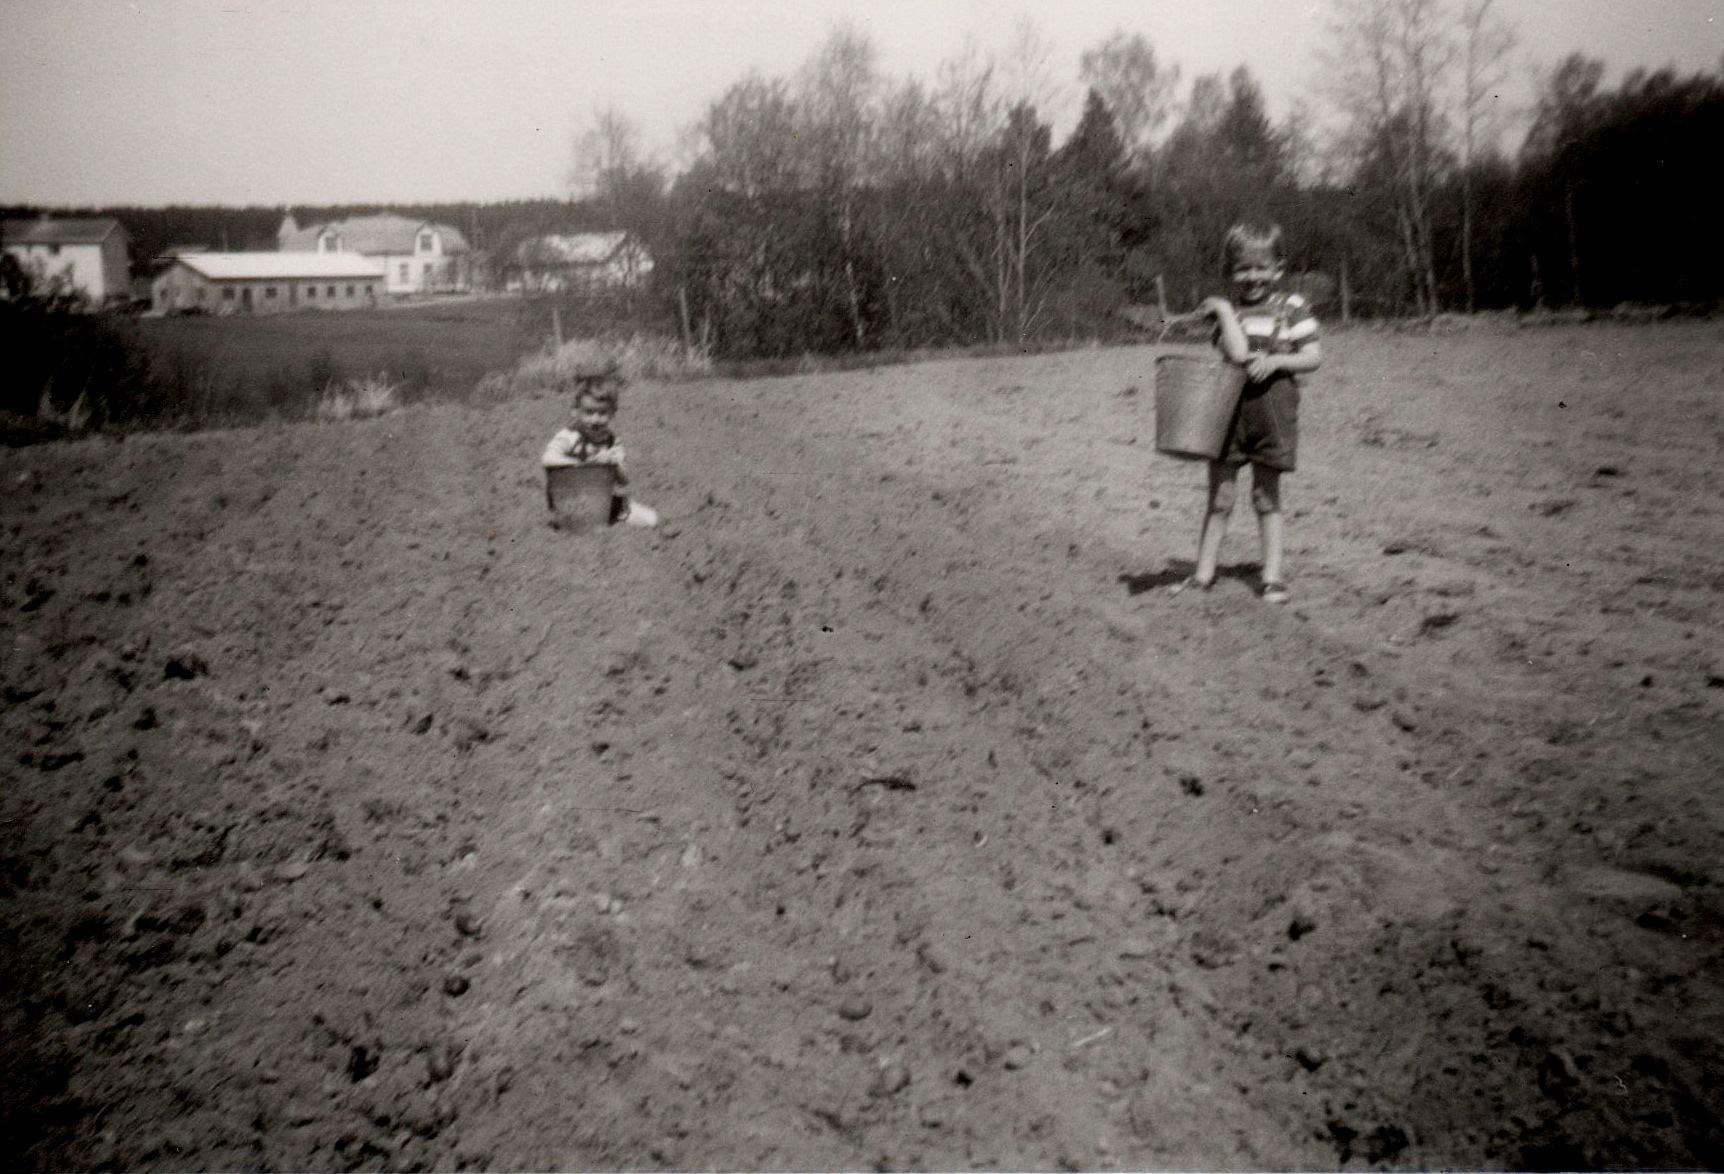 Kurt och John sätter potatis i slutet på 50-talet. I dag skulle detta kallas barnarbete och vara förbjudet.